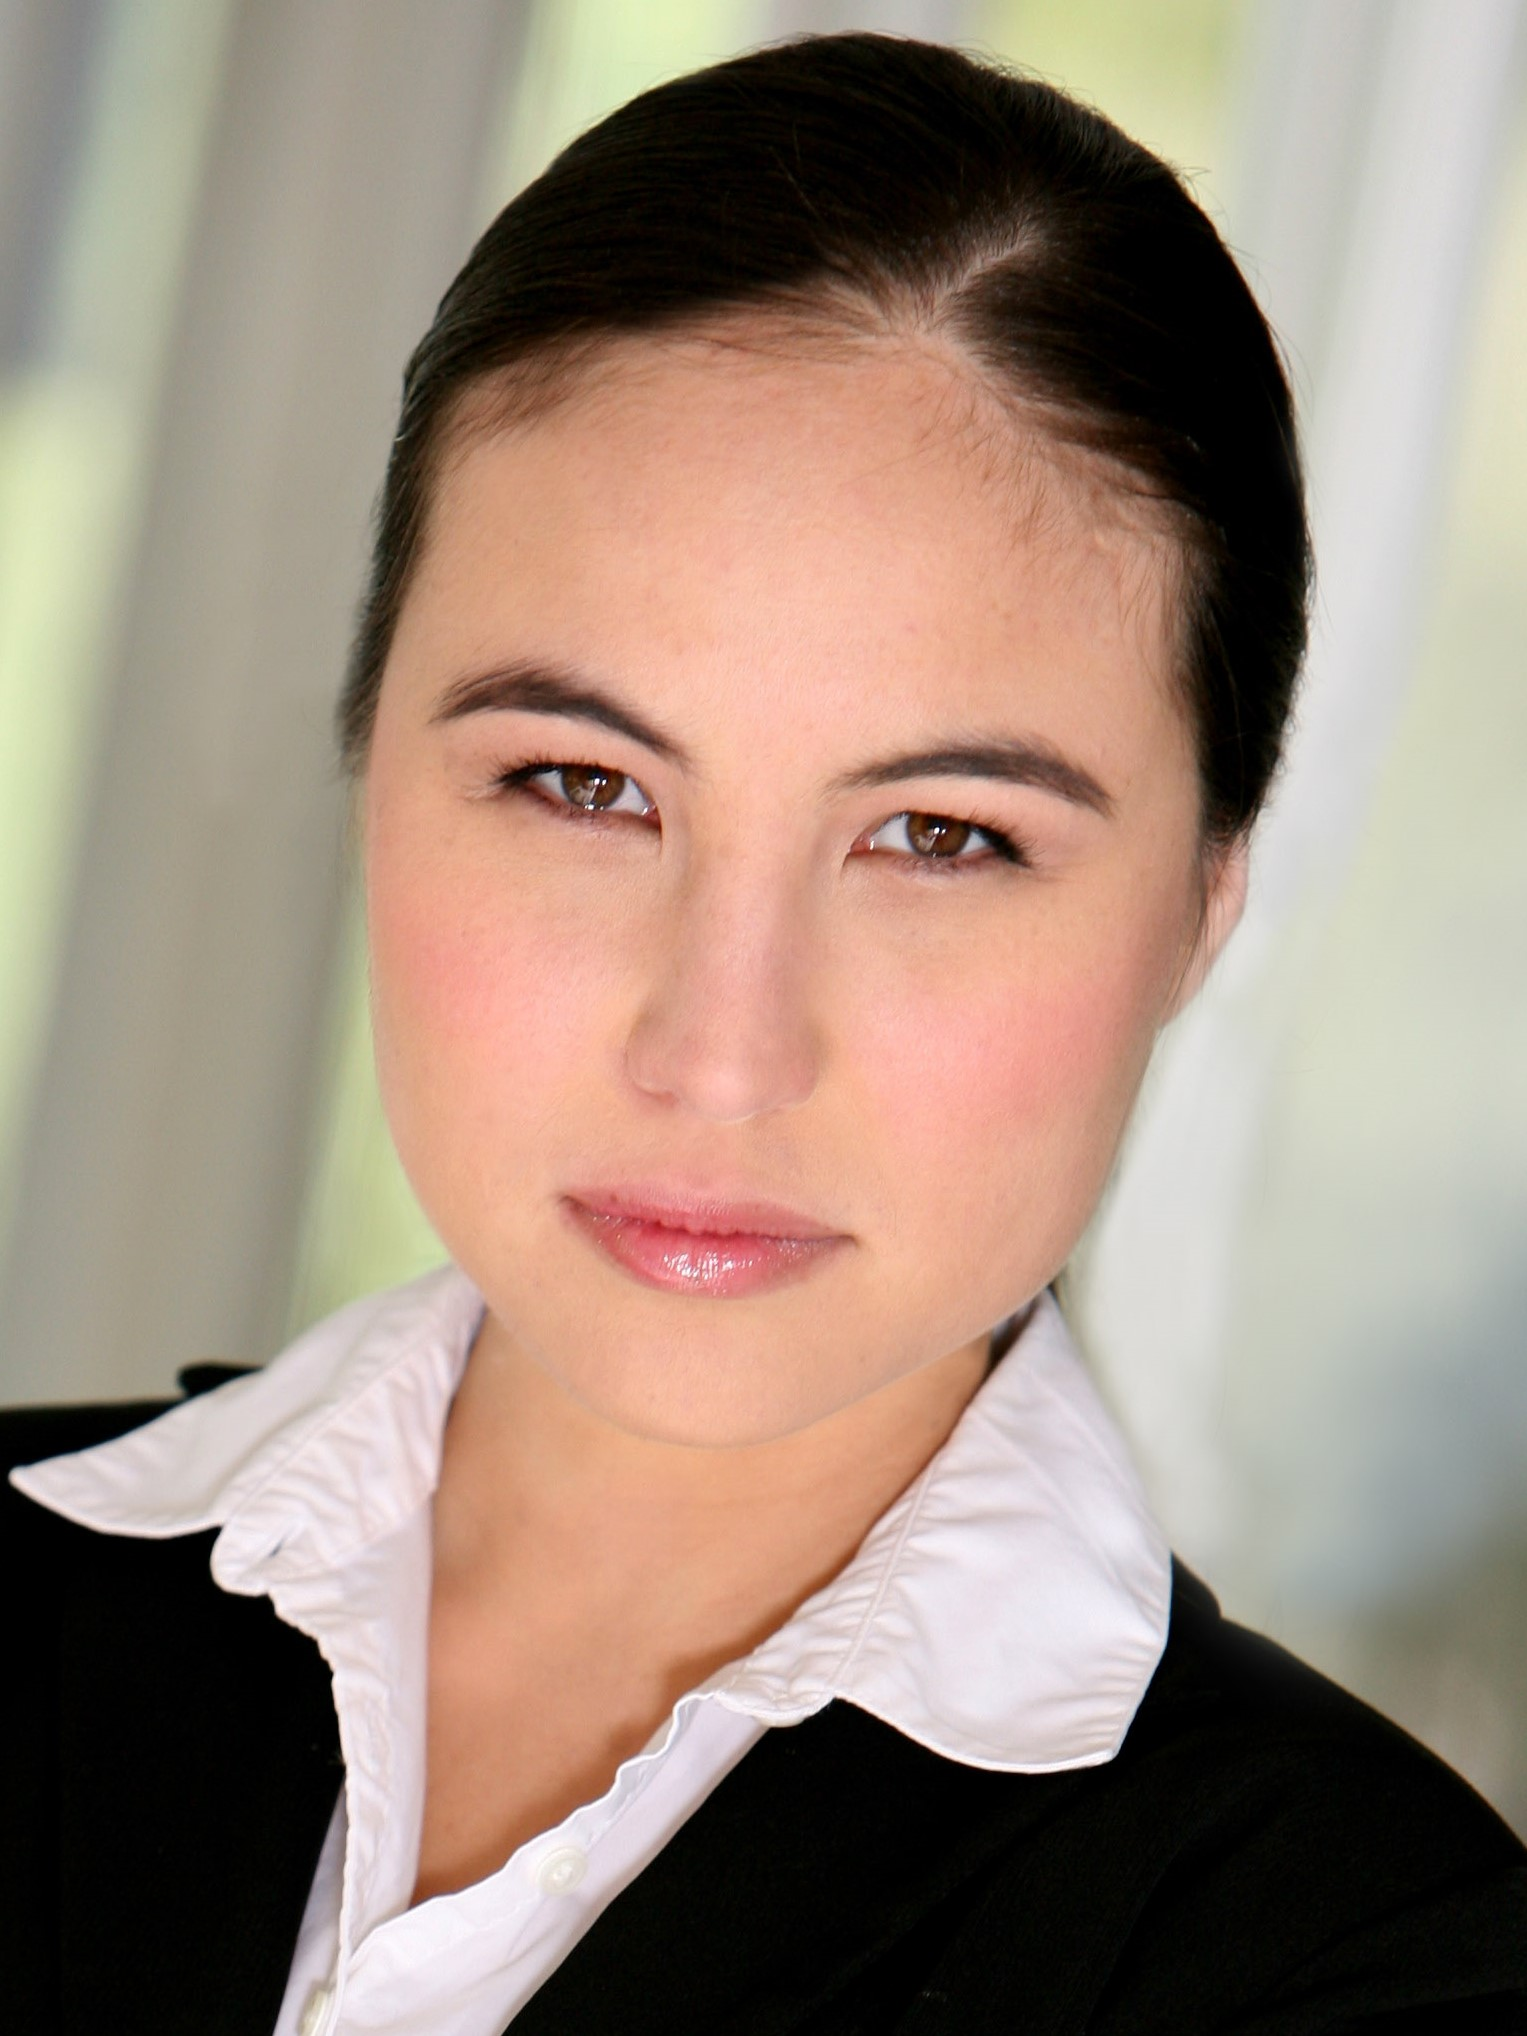 S.L. Huang